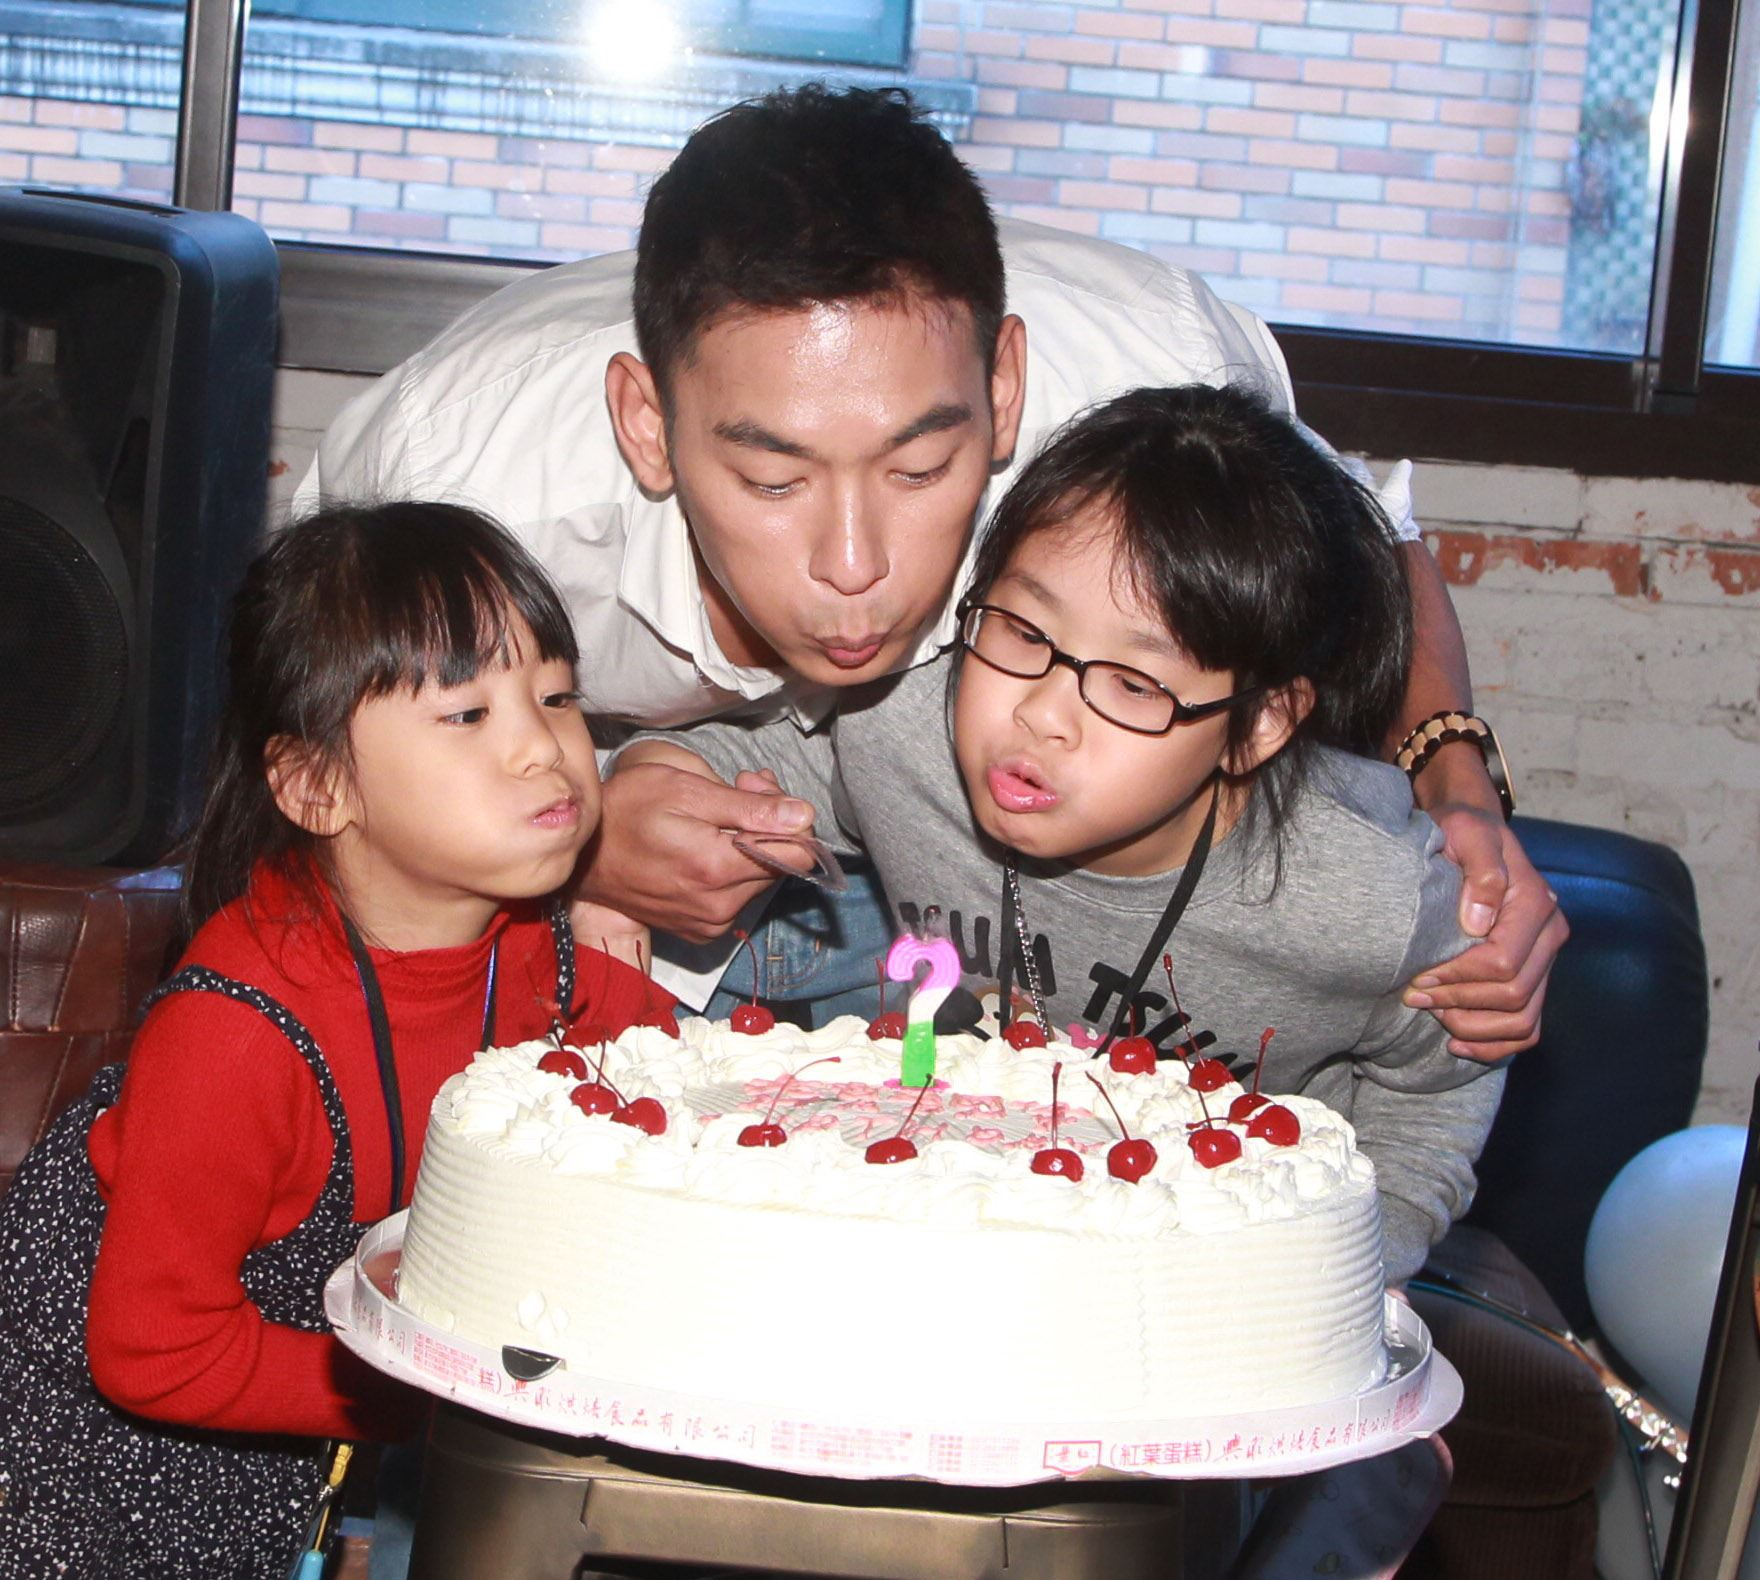 亮哲生日歌友會阿嬤、女兒、老婆一家大小前來祝福。(記者邱榮吉/攝影)